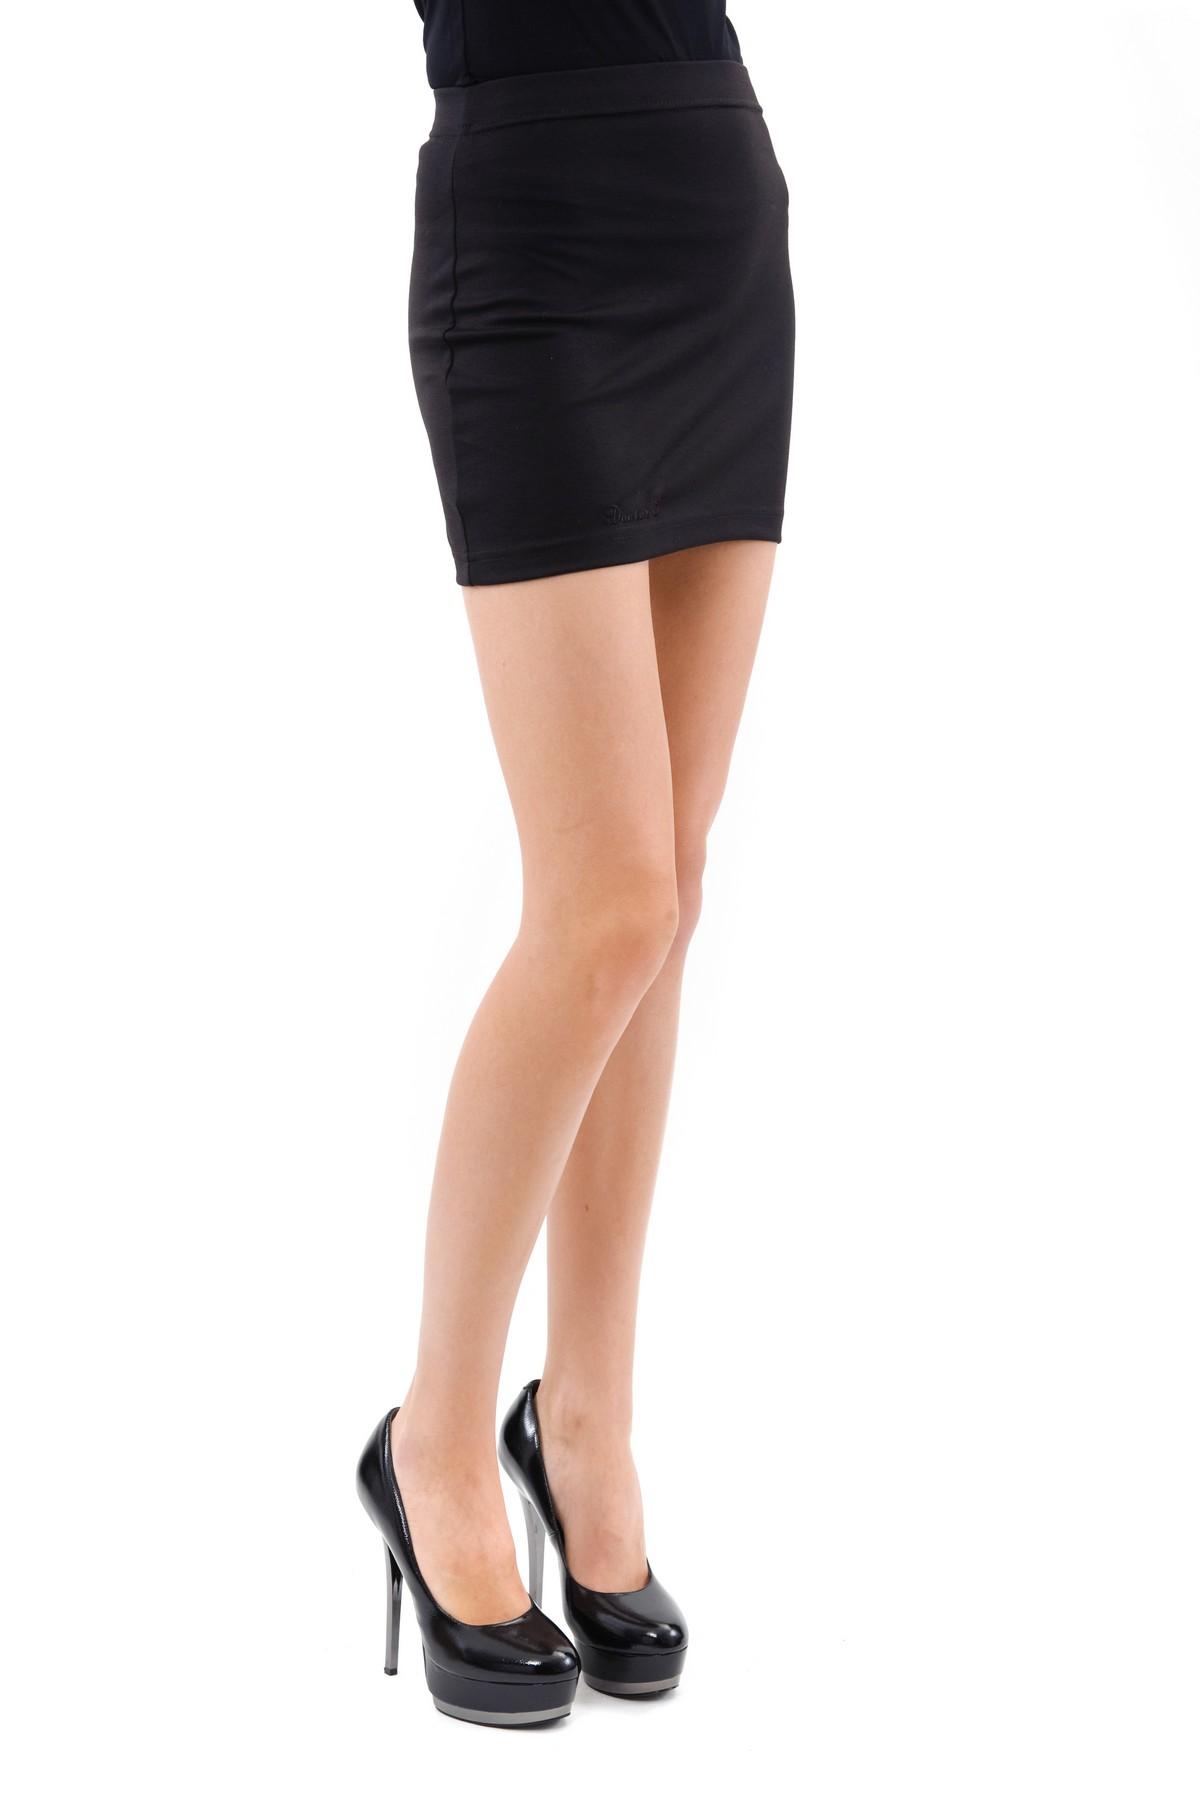 ЮбкаЖенские юбки и брюки<br>Очаровательная юбка лаконичного и стильного дизайна. Изделие будет удачно гармонировать с любыми предметами гардероба. Прекрасный вариант на каждый день.<br><br>Цвет: черный<br>Состав: 60%вискоза, 35%полиэстер, 5%лайкра<br>Размер: 44,46,48,50,52,54,56,58,60<br>Страна дизайна: Россия<br>Страна производства: Россия